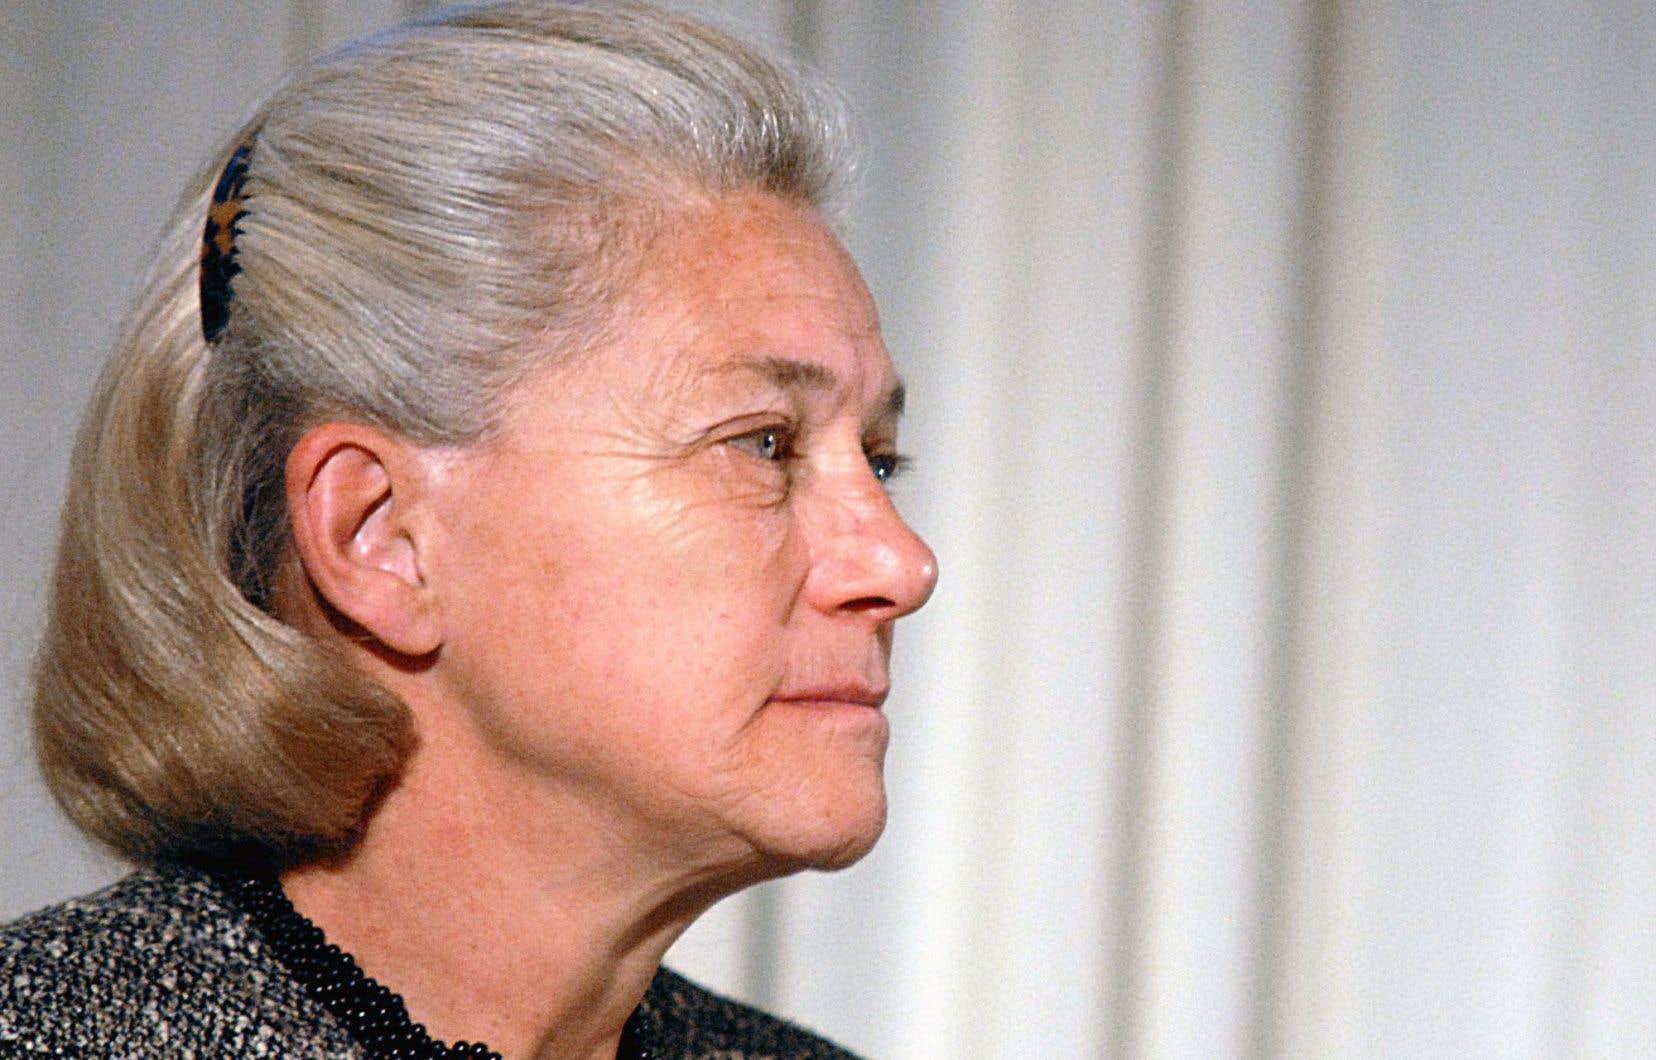 En 2007, Élisabeth Badinter fit partie des rares intellectuels à oser défendre l'hebdomadaire satirique.